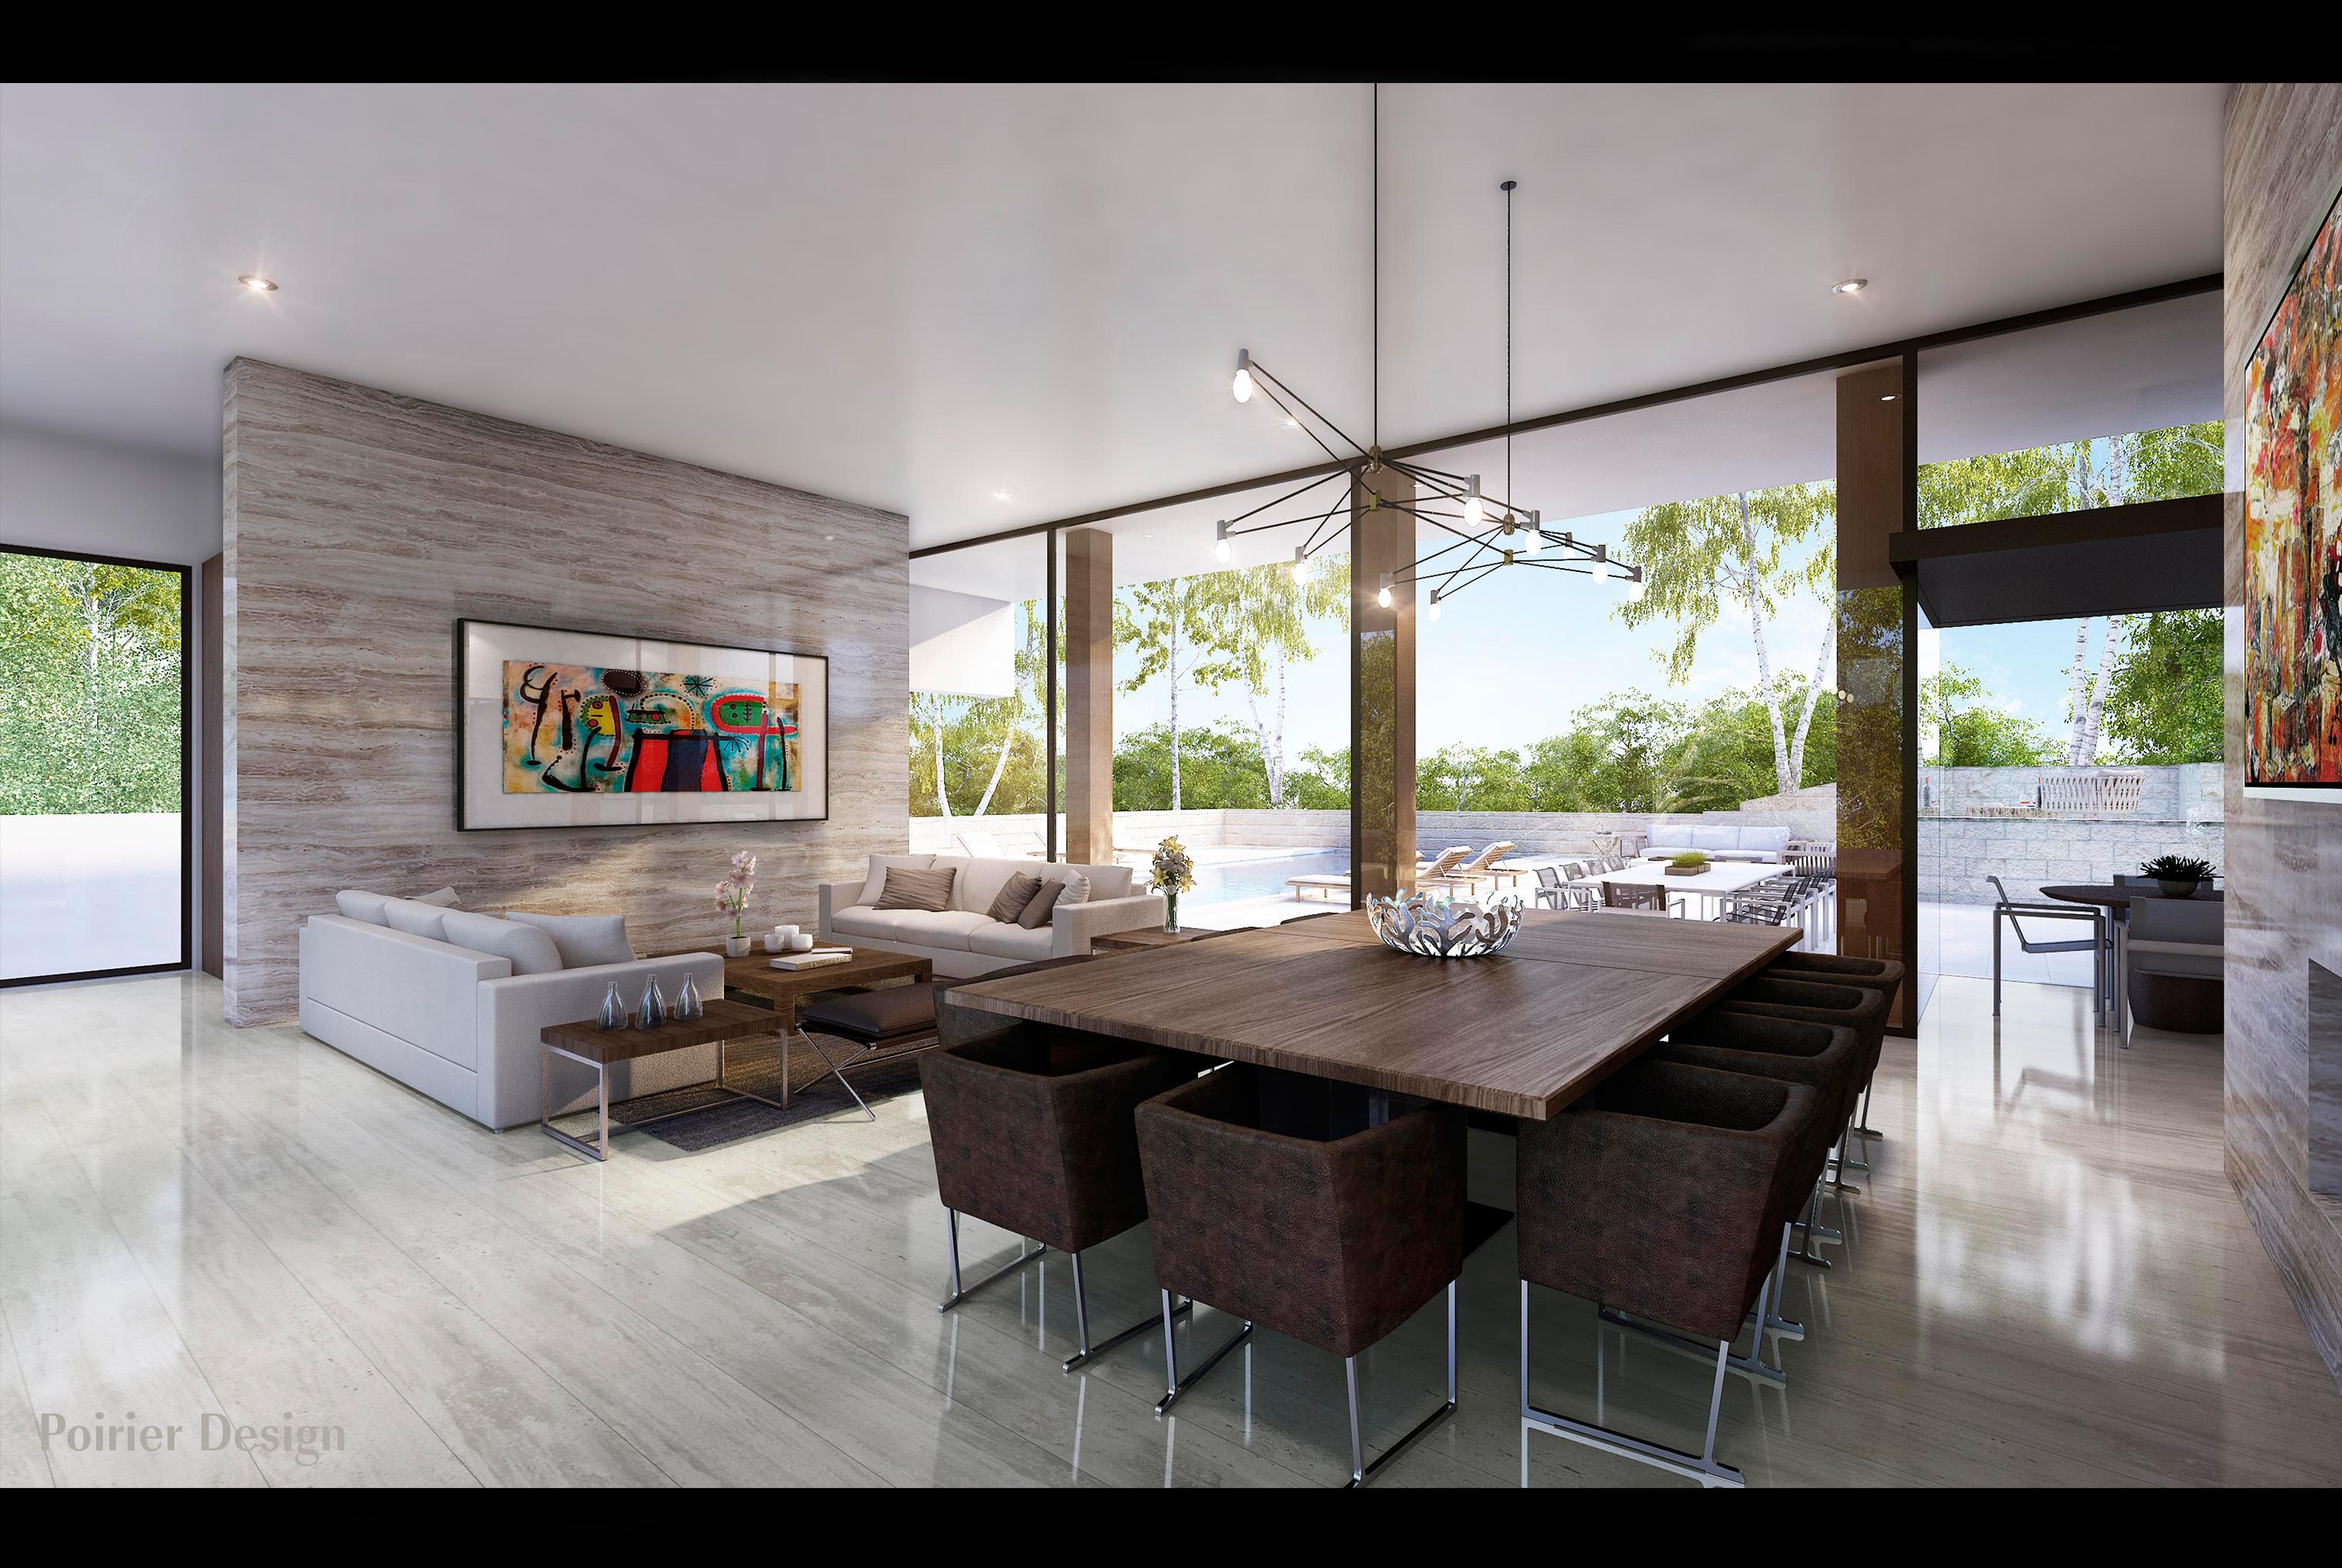 poirierdesign-BeverlyGrove-DiningRoom.jpg